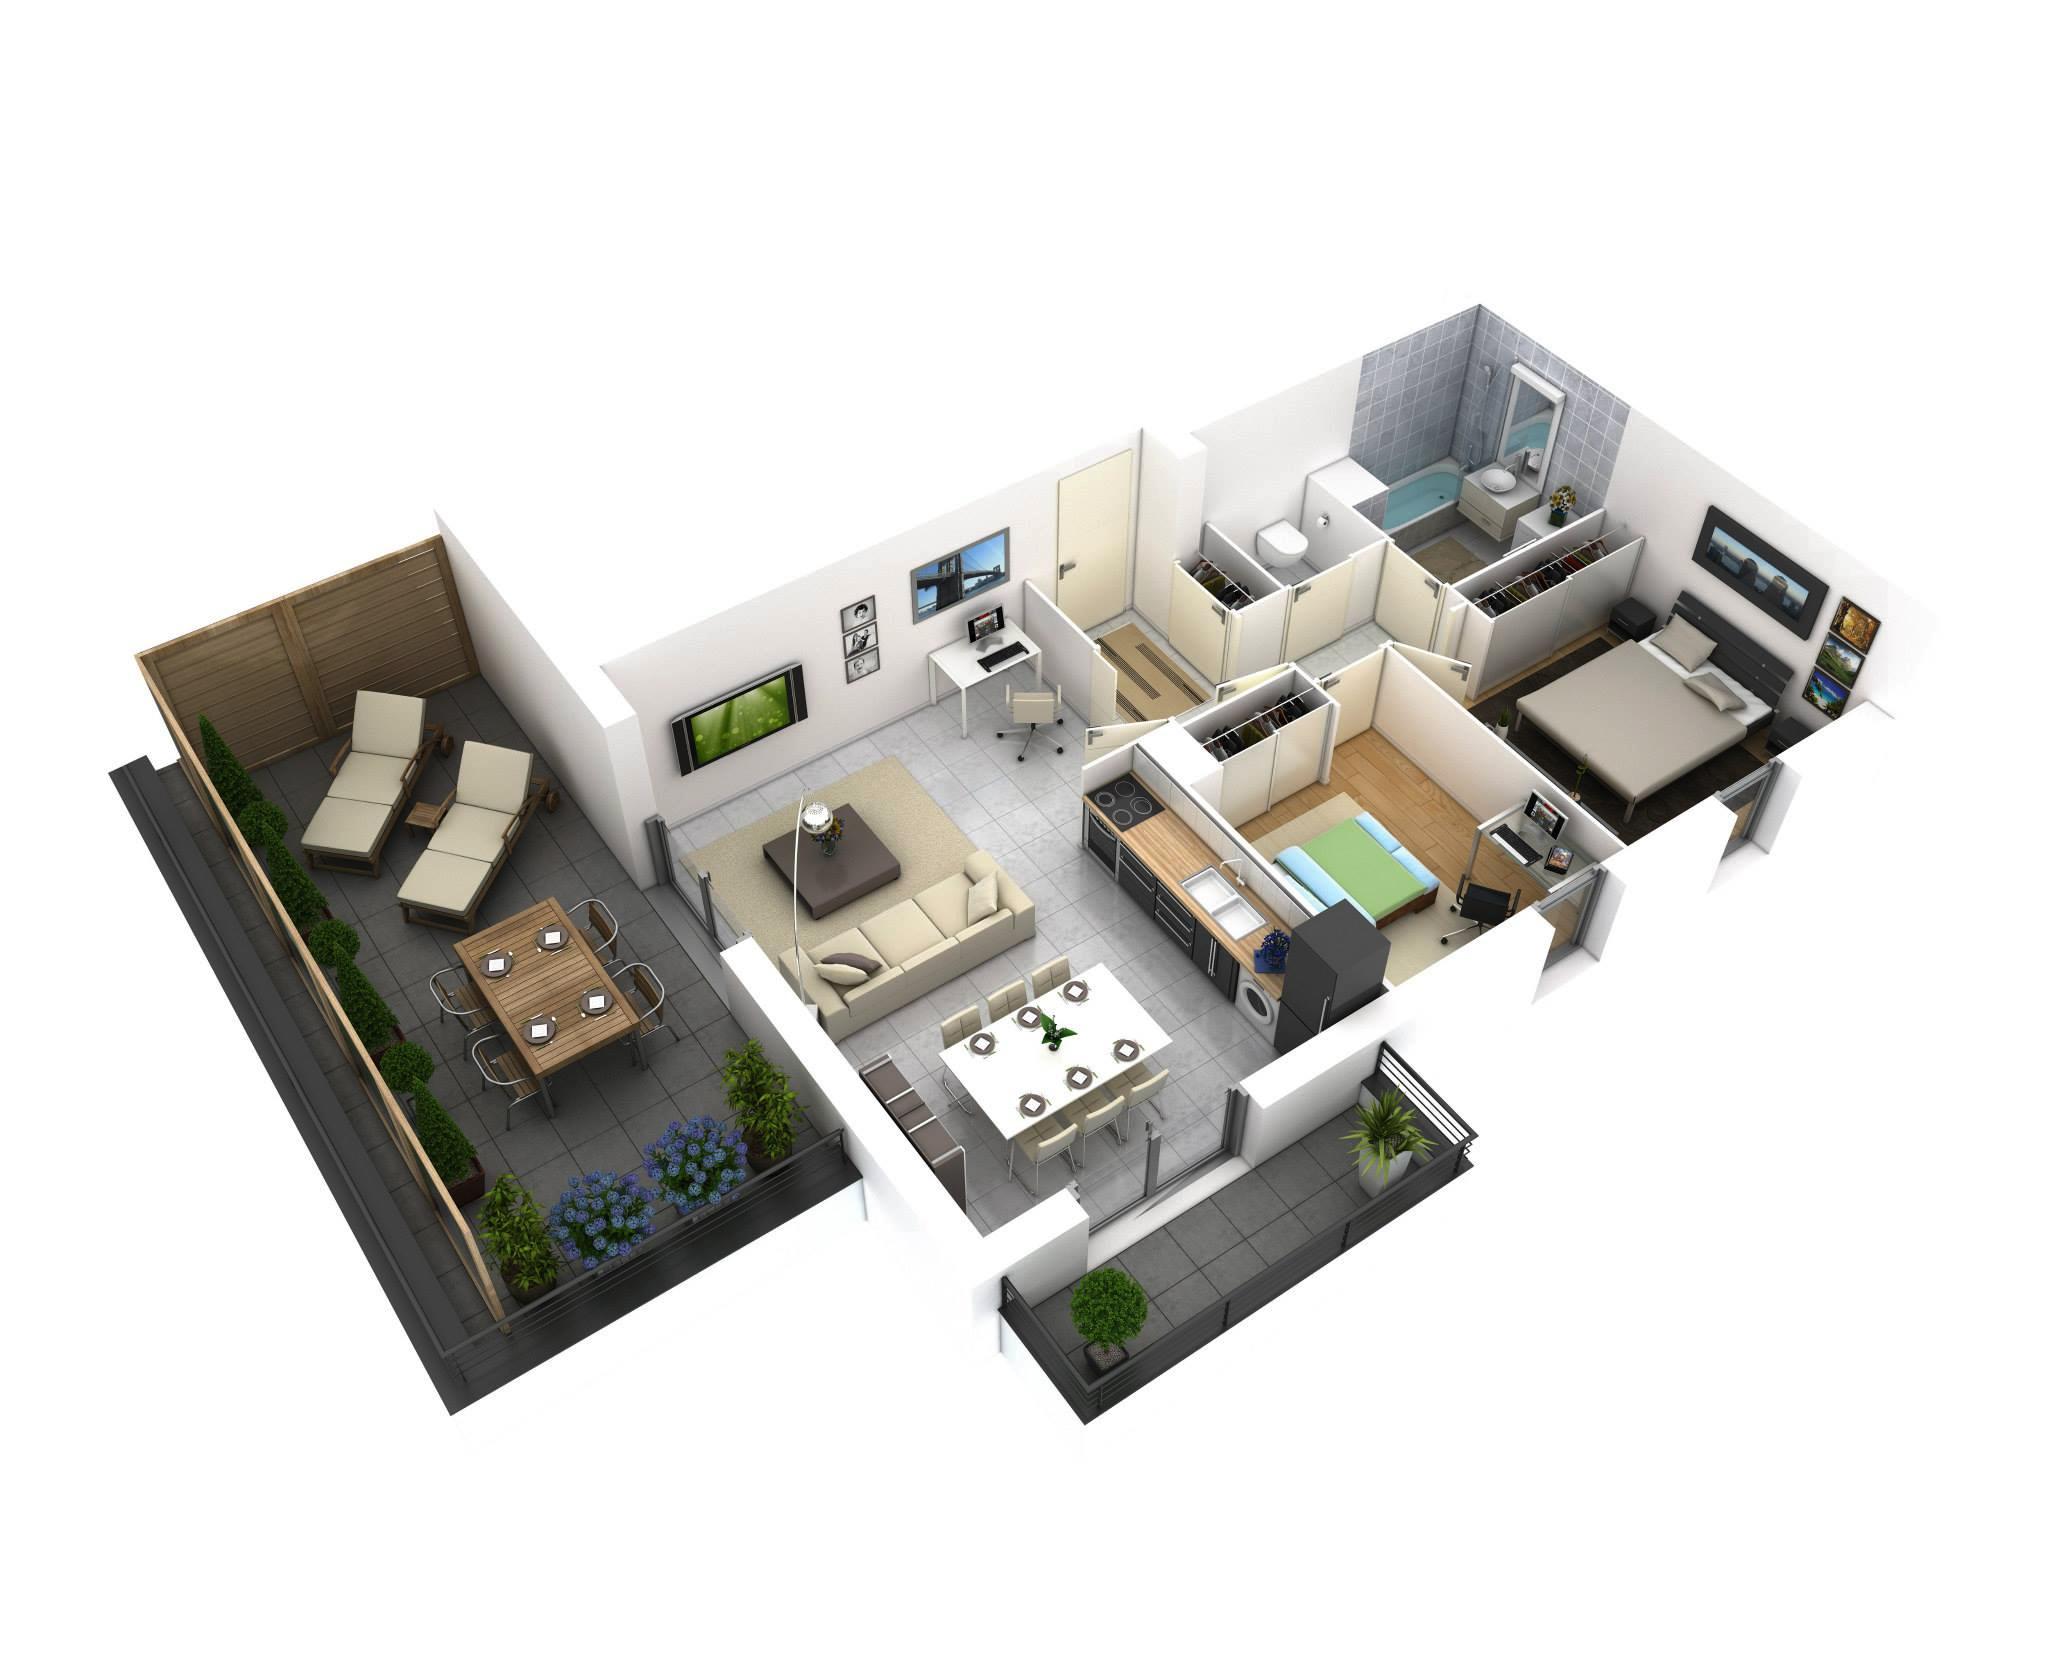 Công Ty Xây Dựng Thiện Cơ Tư Vấn Thiết Kế Thi Công Nhà Ở Biệt Thự Amusing 3 Bedroom House Design Ideas Design Ideas